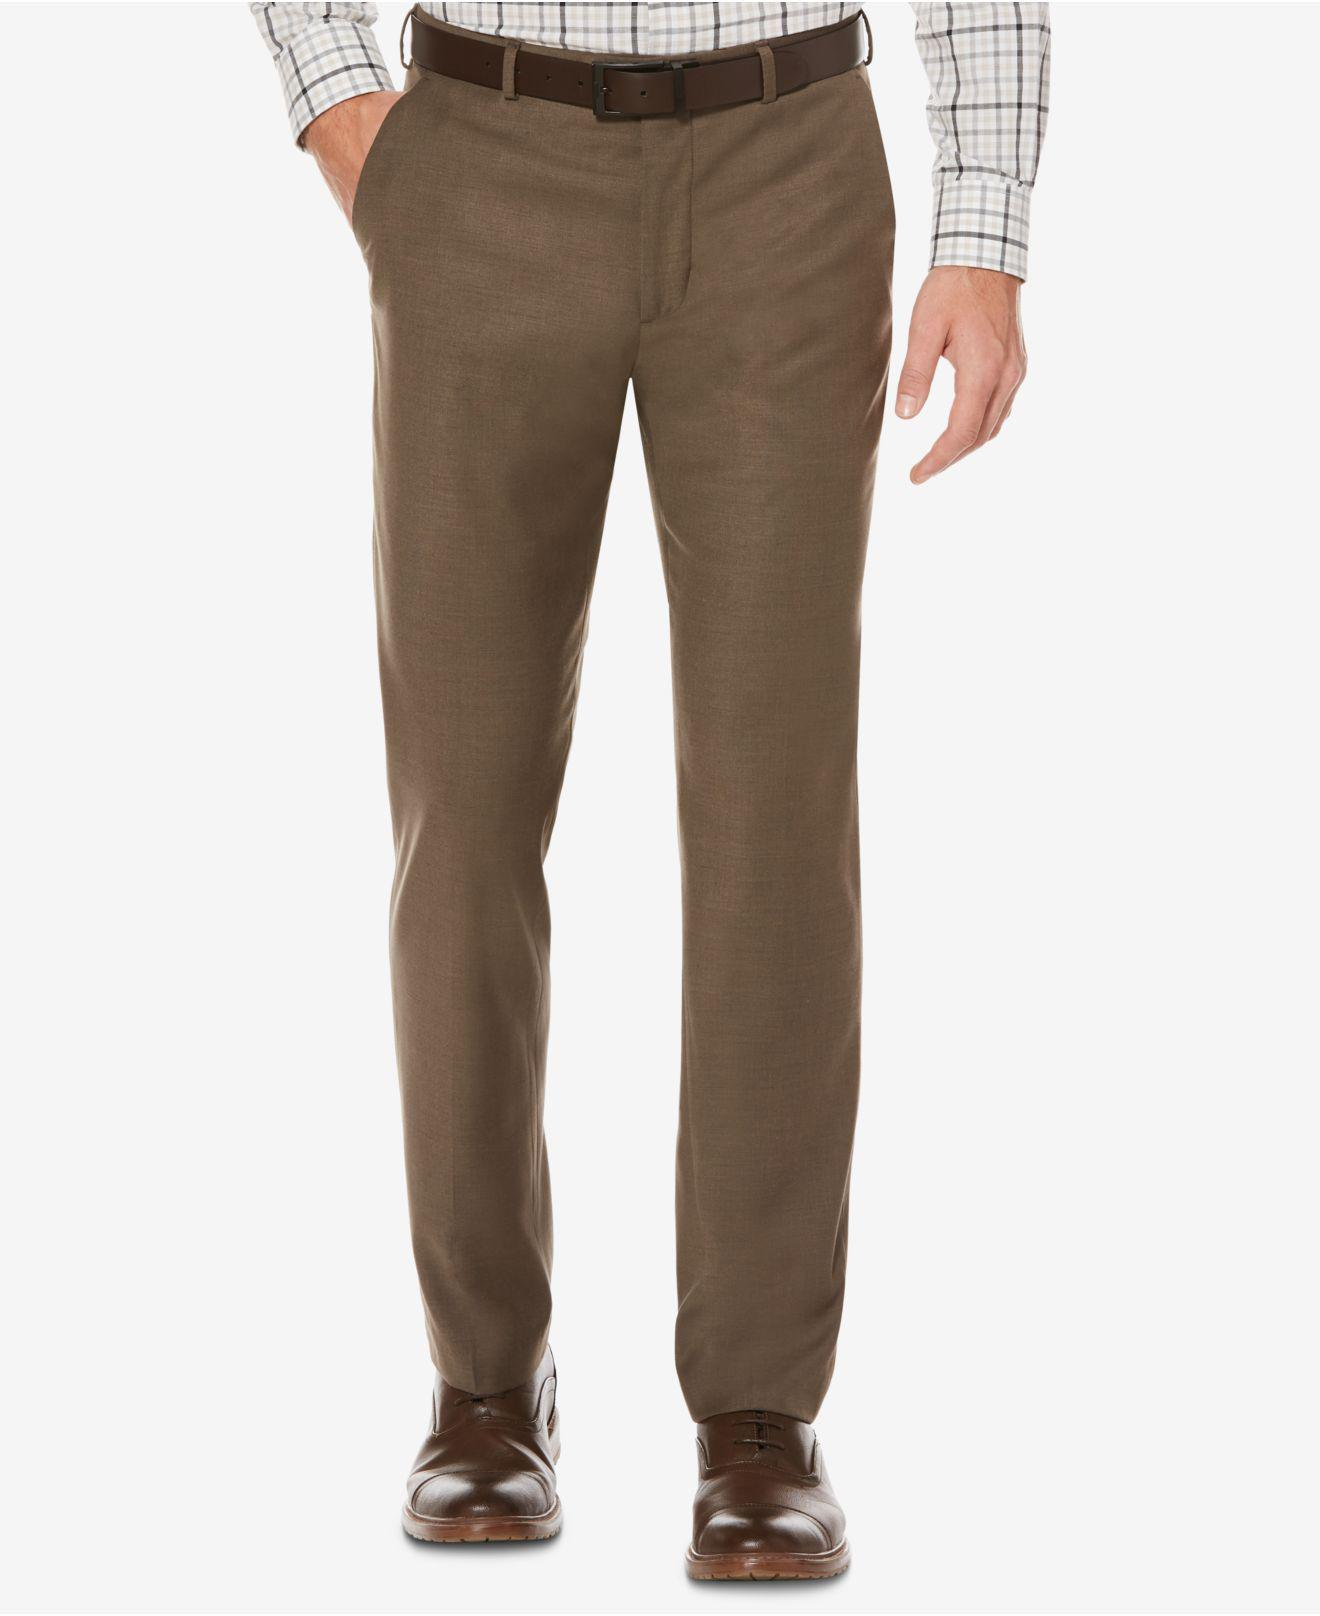 bed96e37d1 Perry Ellis. Men's Brown Portfolio Straight Fit No Iron Flat Front  Bengaline Dress Pants